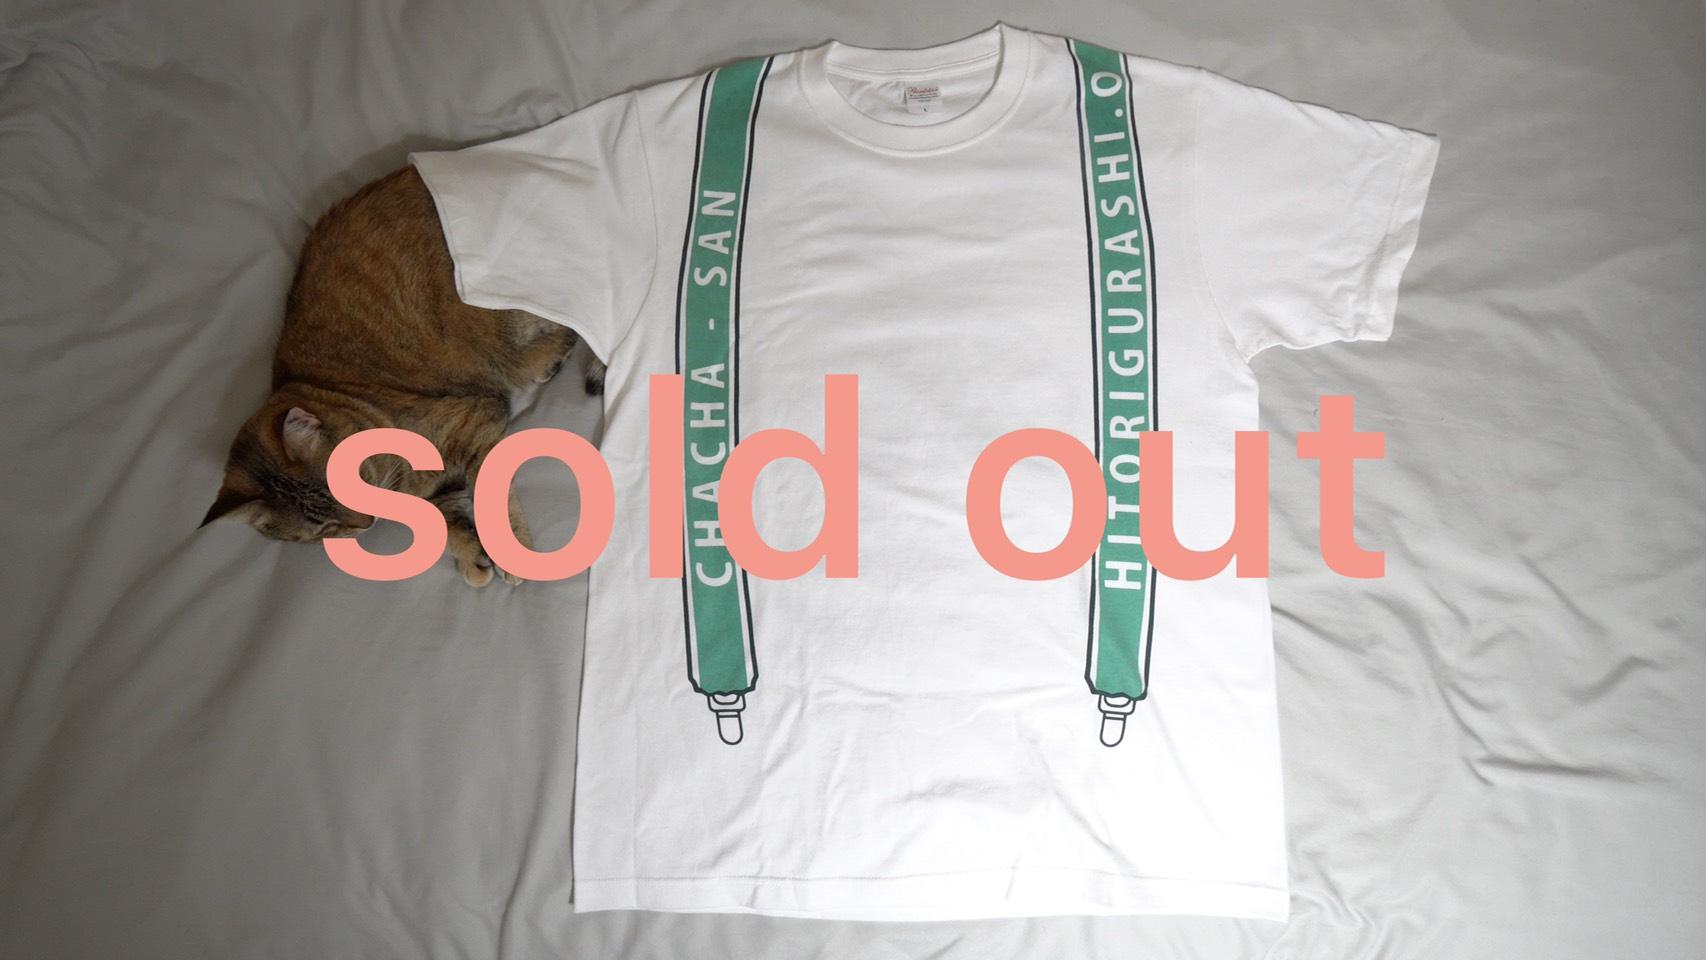 《完売》【Lサイズ】100yen DIY LIFEオリジナル Tシャツ#2(グリーン) スーパーヘビーTシャツ